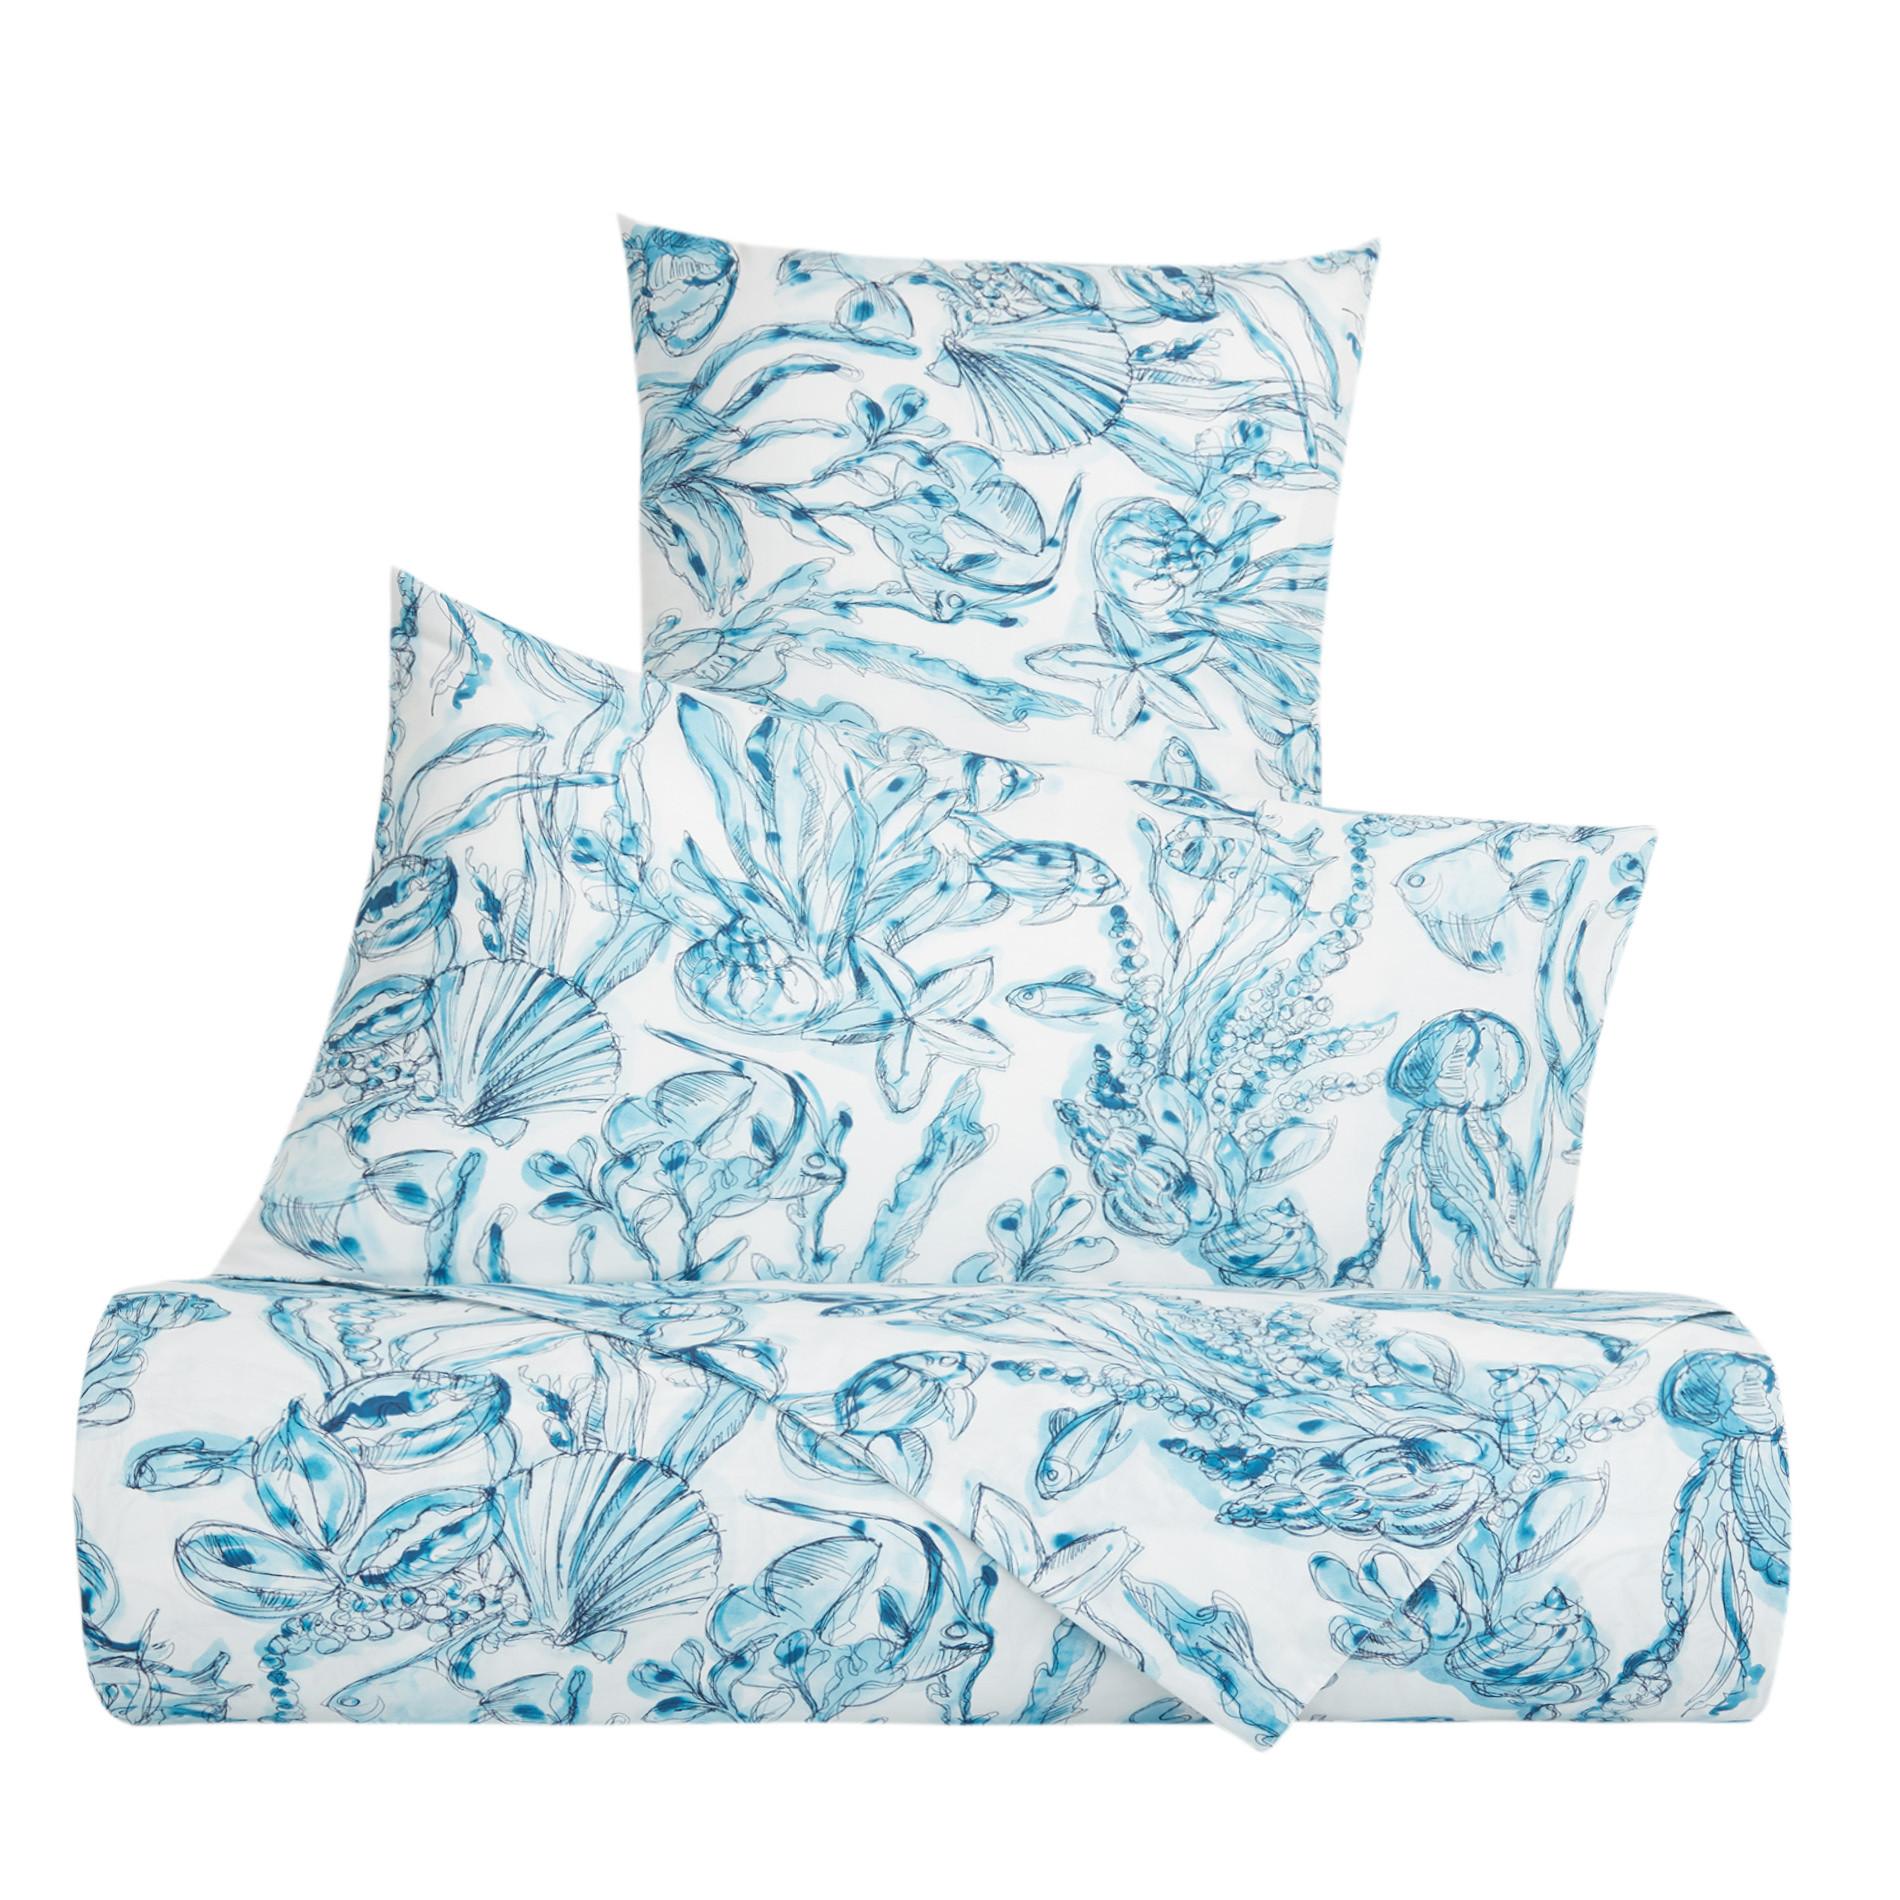 Copripiumino cotone biologico fantasia marina, Blu, large image number 0